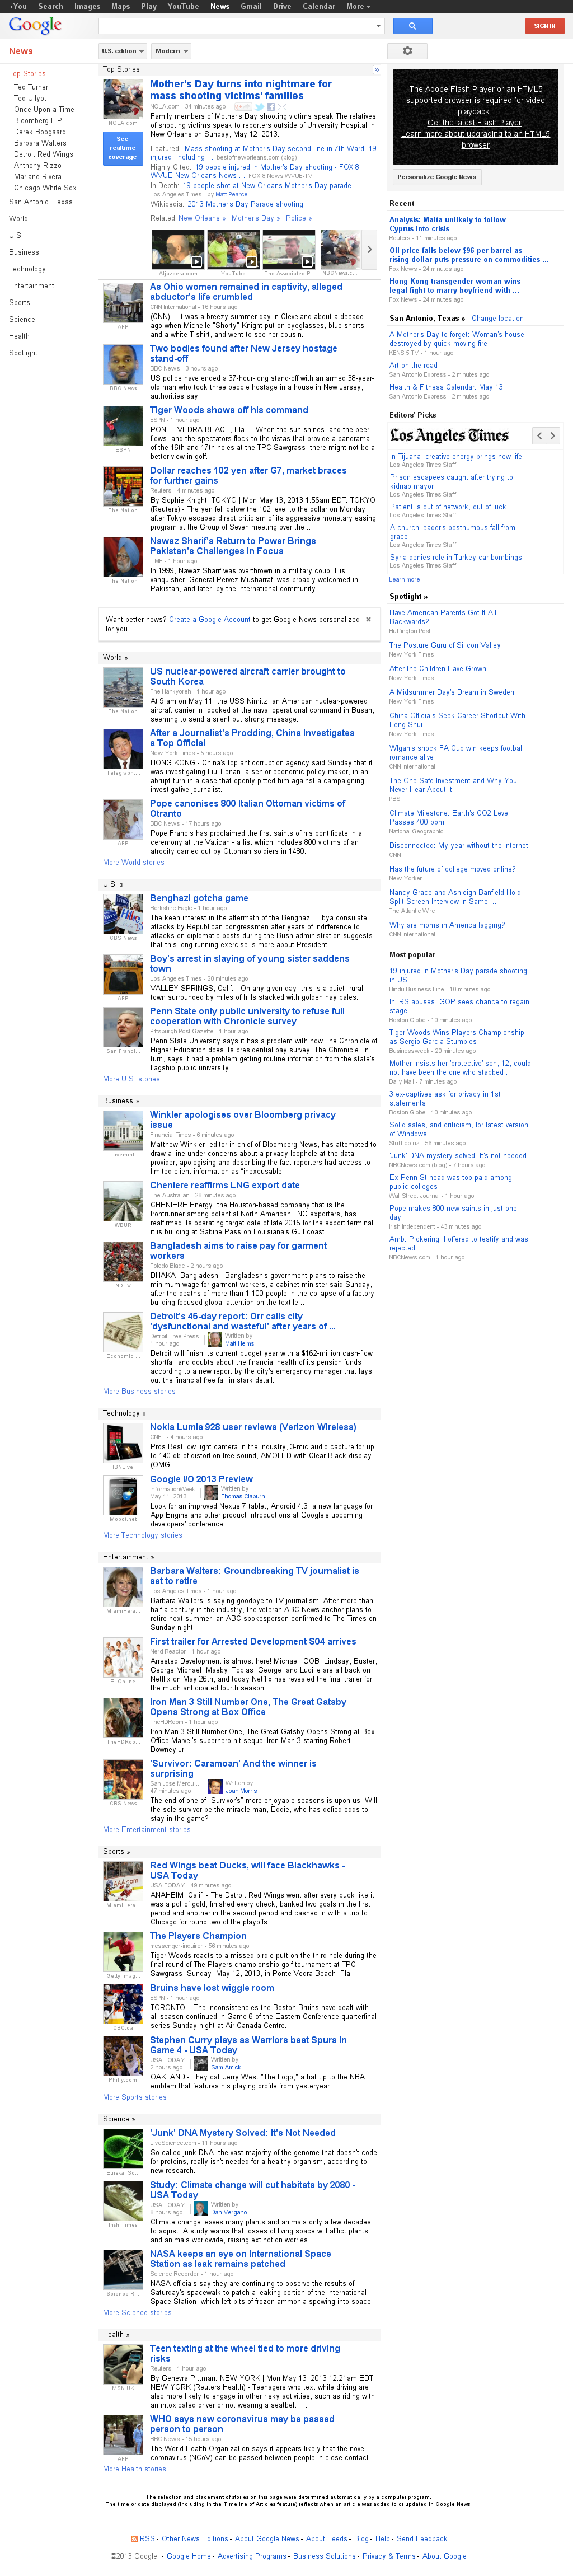 Google News at Monday May 13, 2013, 6:08 a.m. UTC